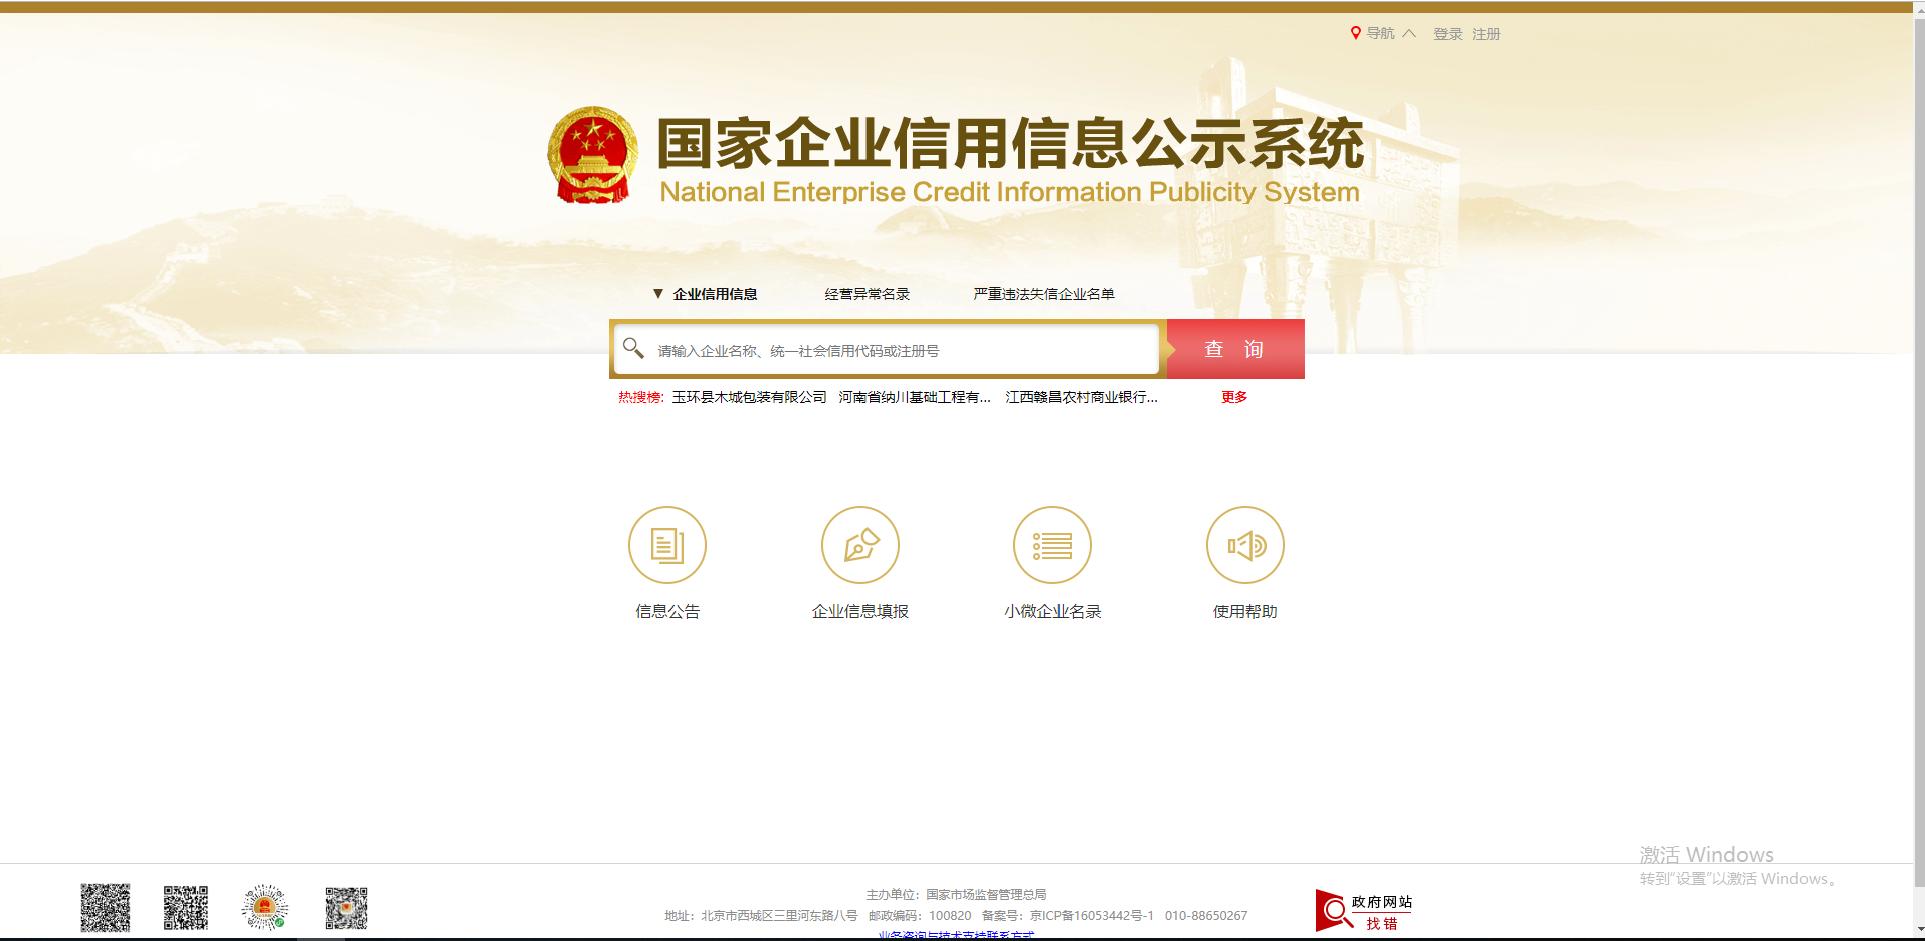 国家企业信用信息公示系统验证码破解(一)